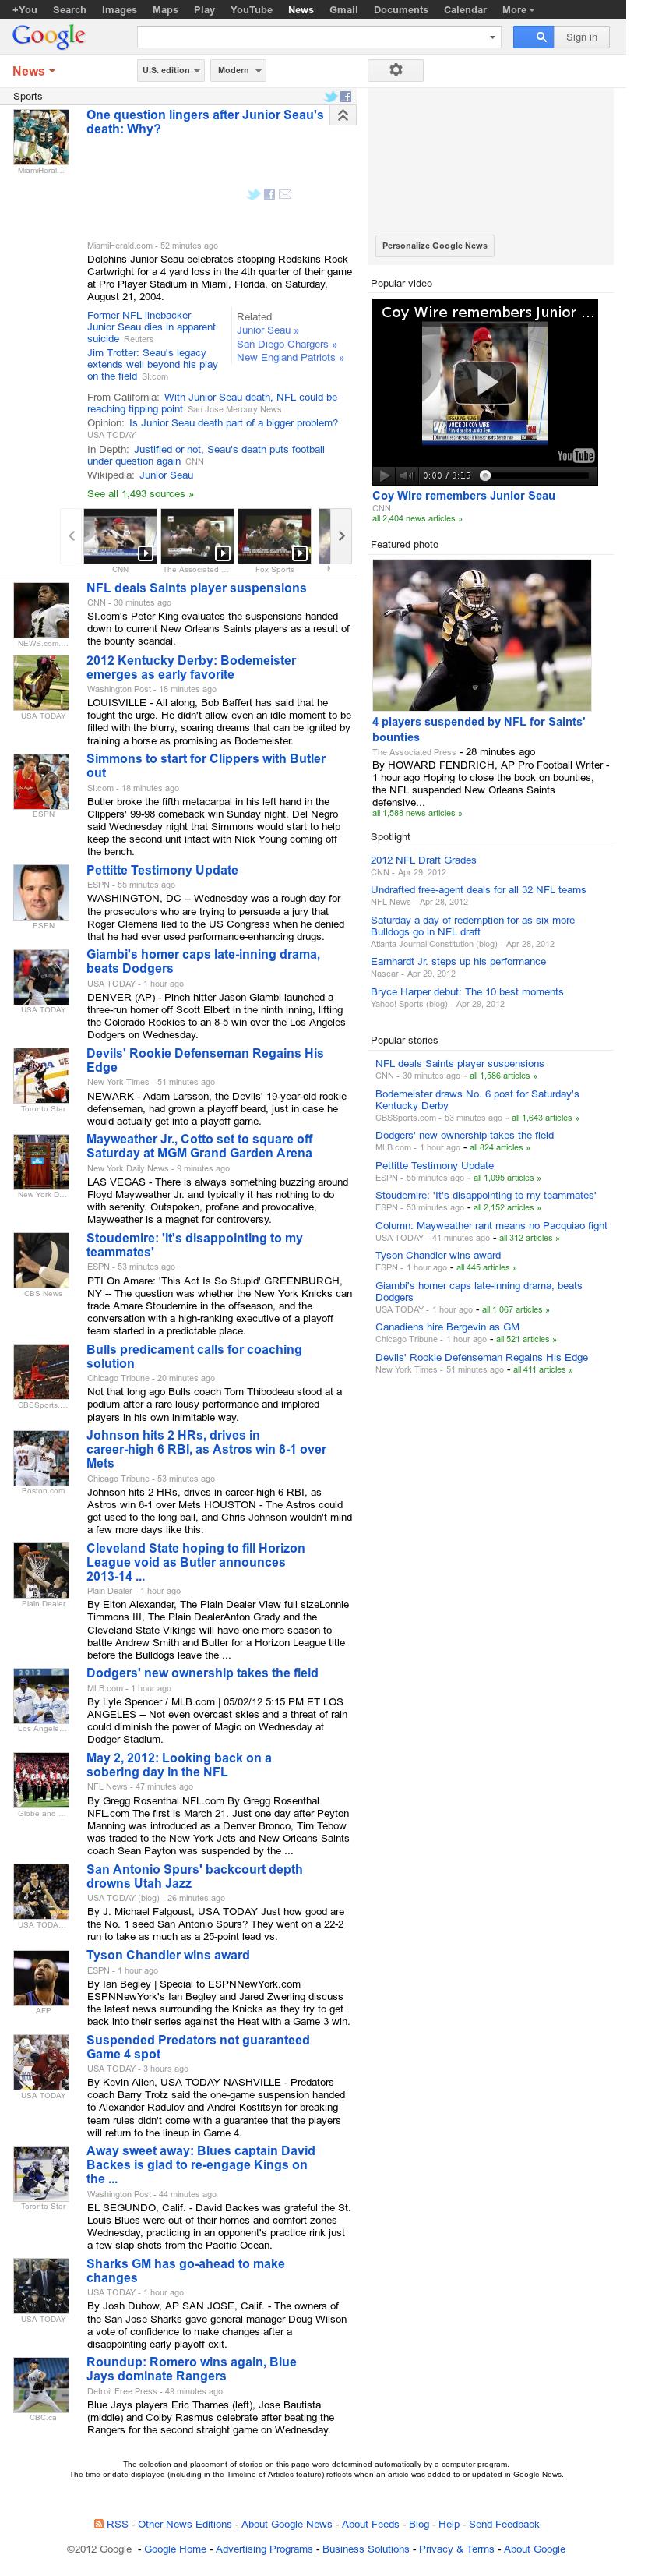 Google News: Sports at Thursday May 3, 2012, 1:06 a.m. UTC